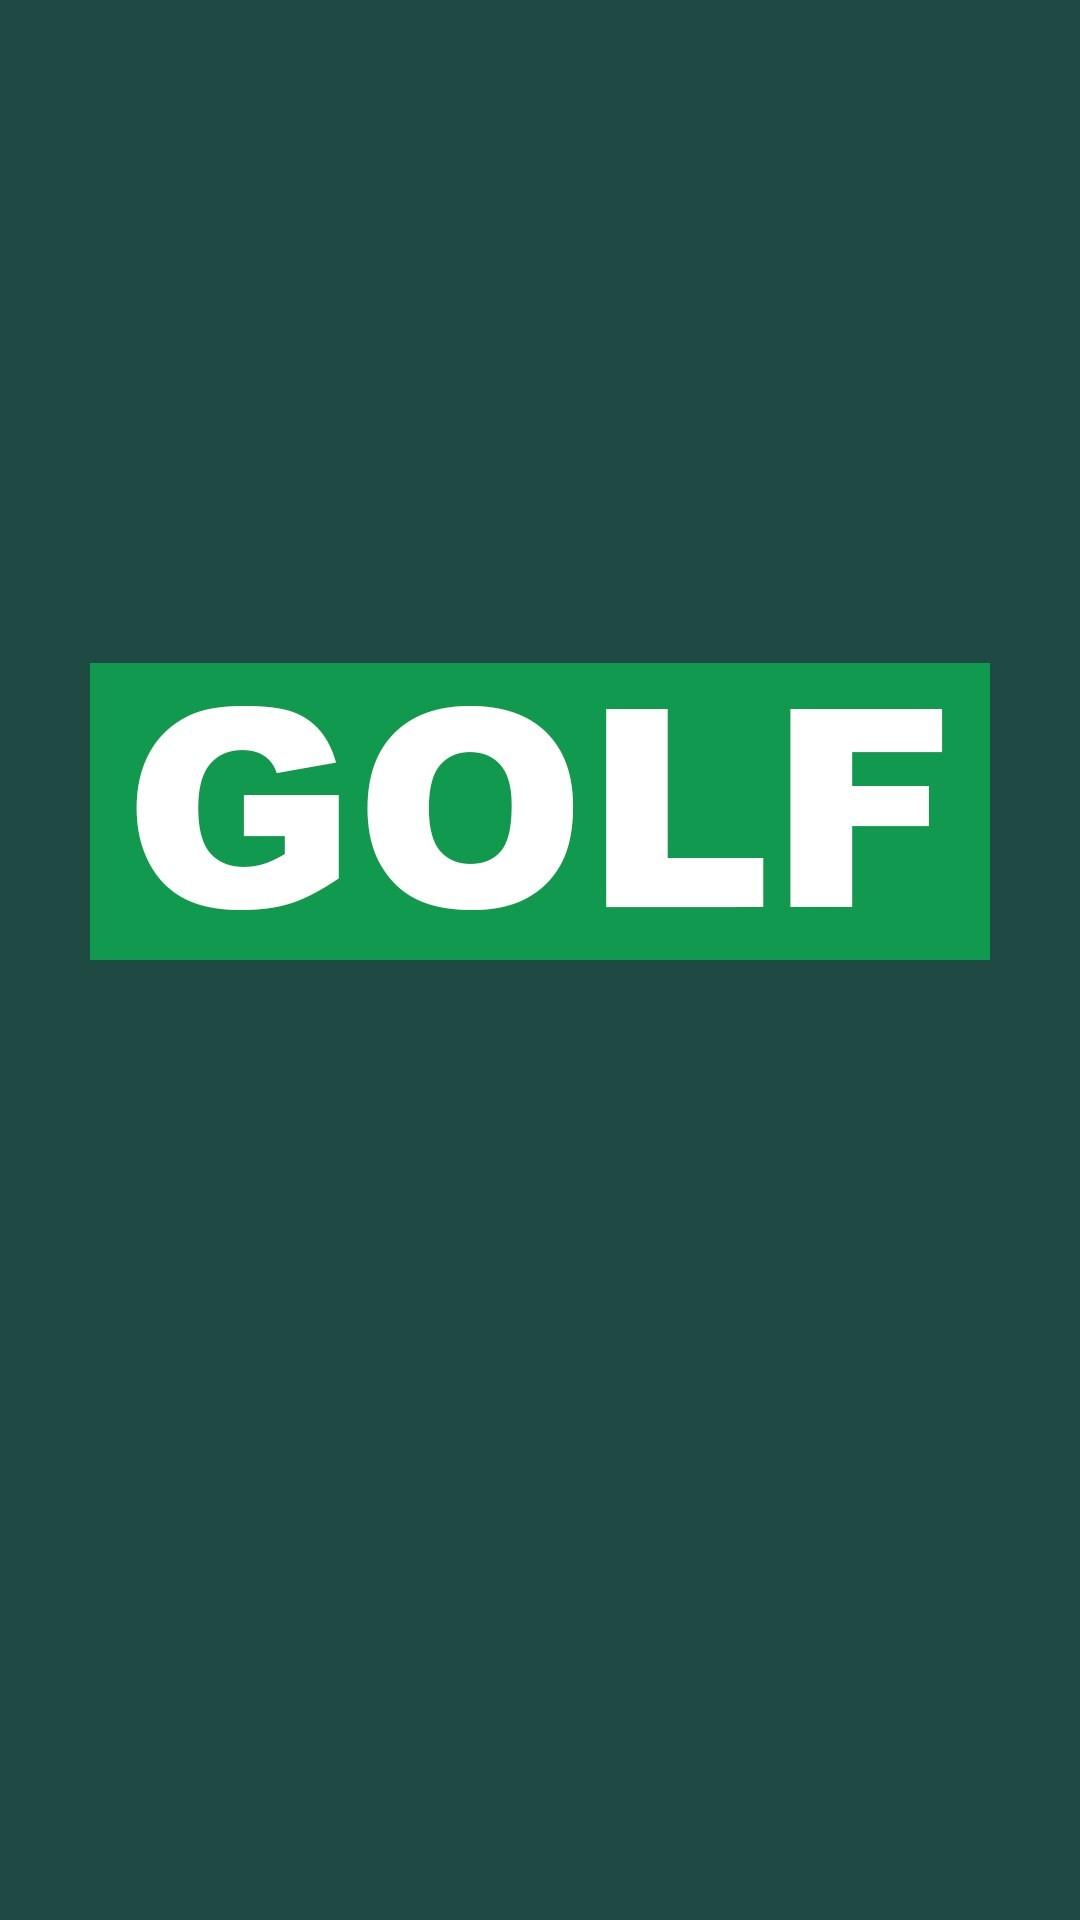 golf wallpaper iphone 6